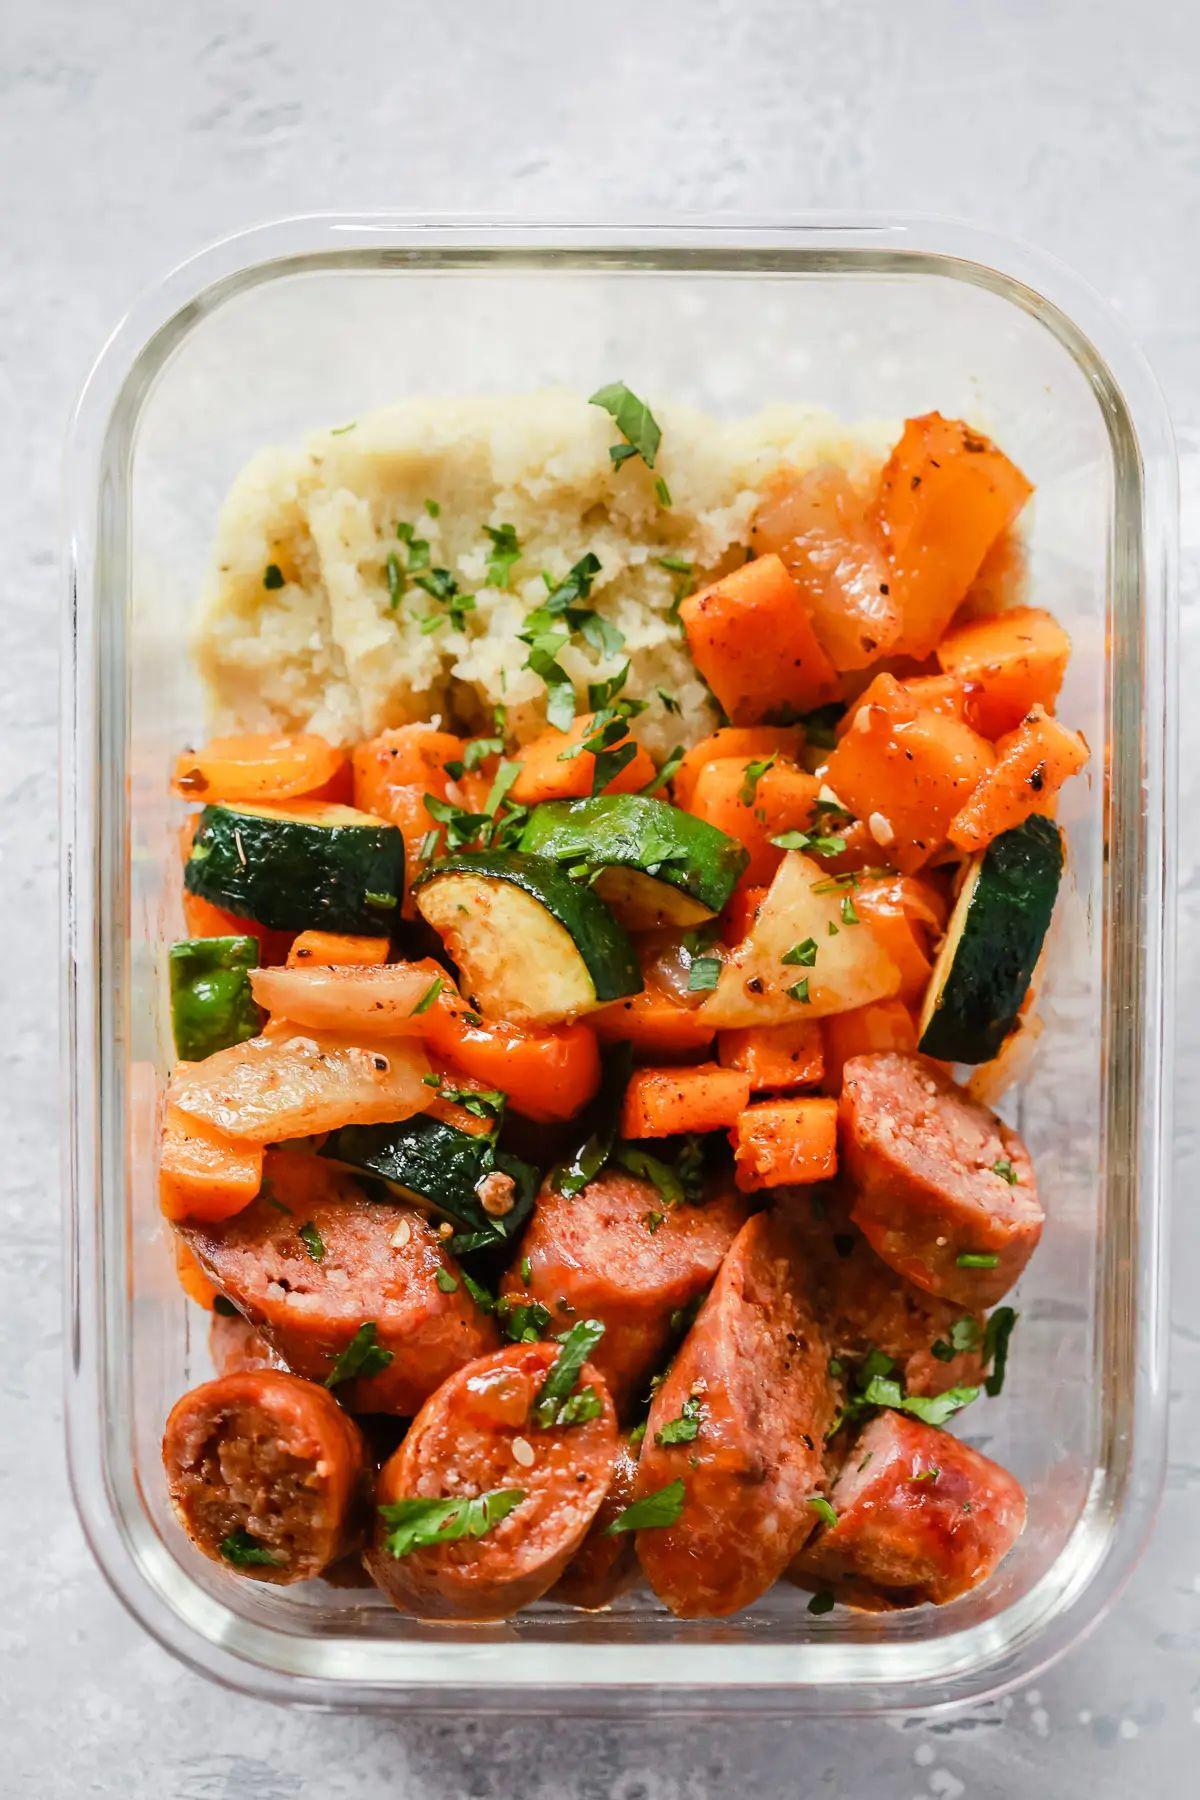 Low-Carb Sheet Pan Sausage & Veggies